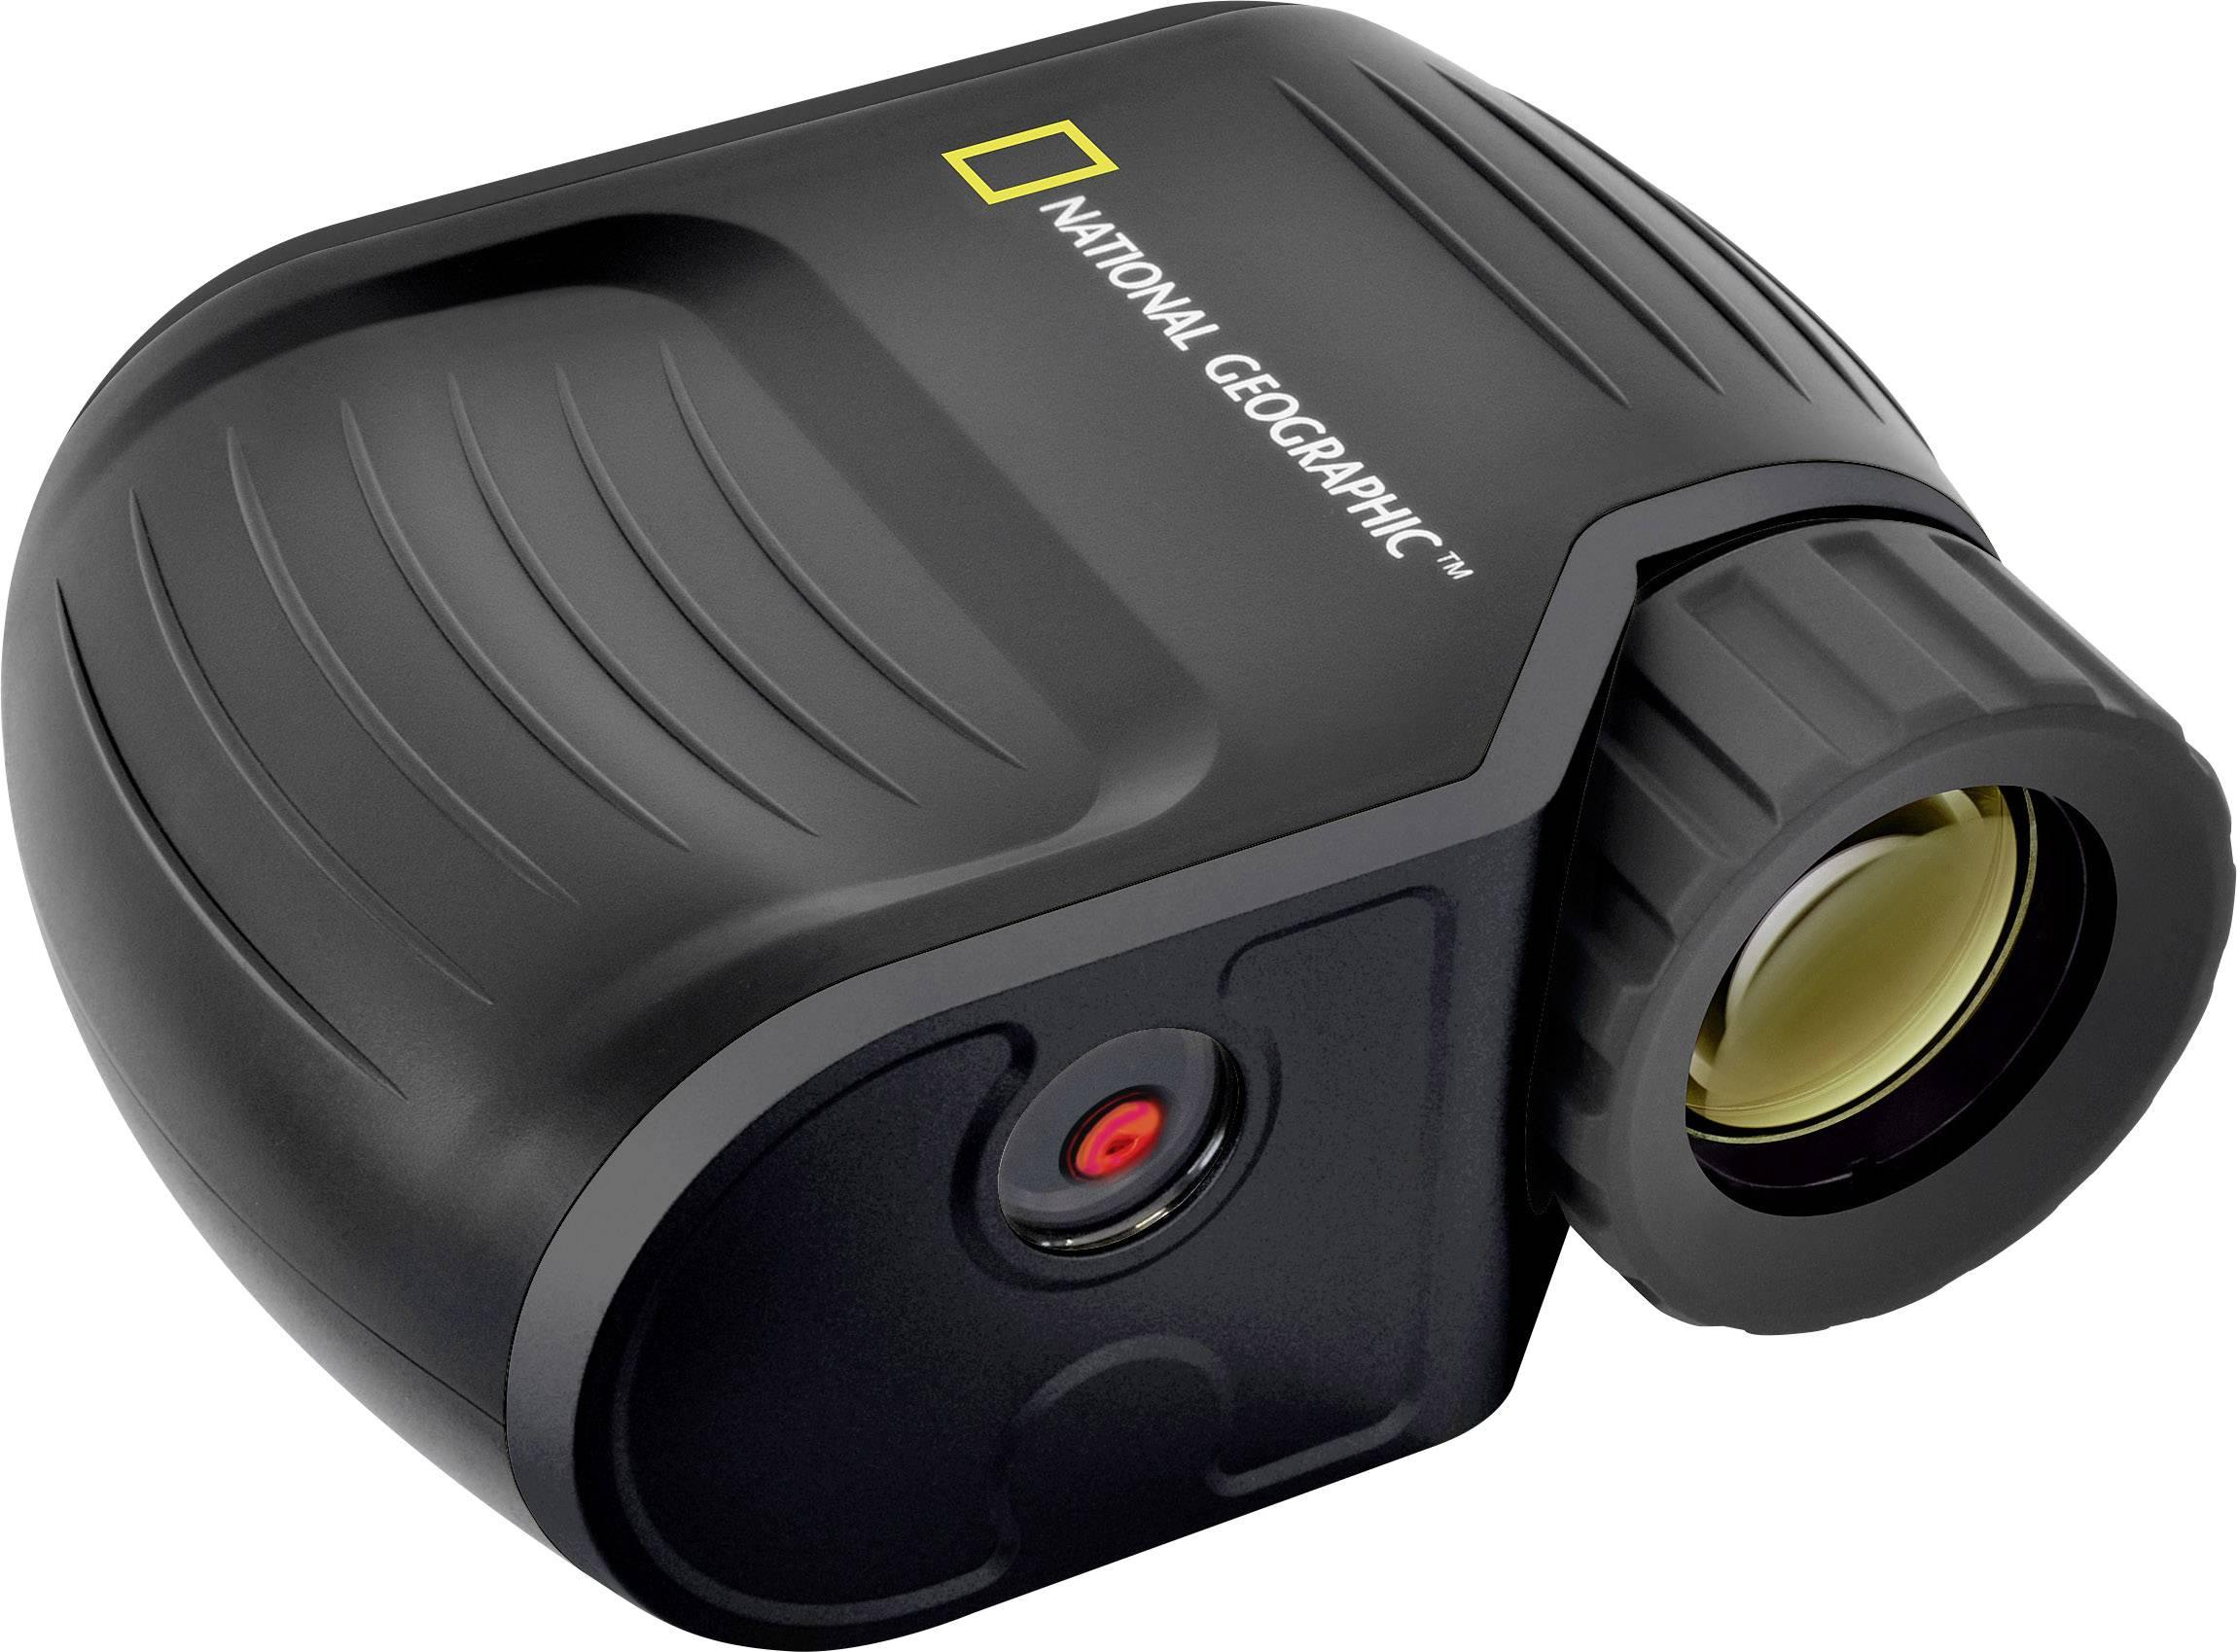 National geographic nachtsichtgerät mit digitalkamera x